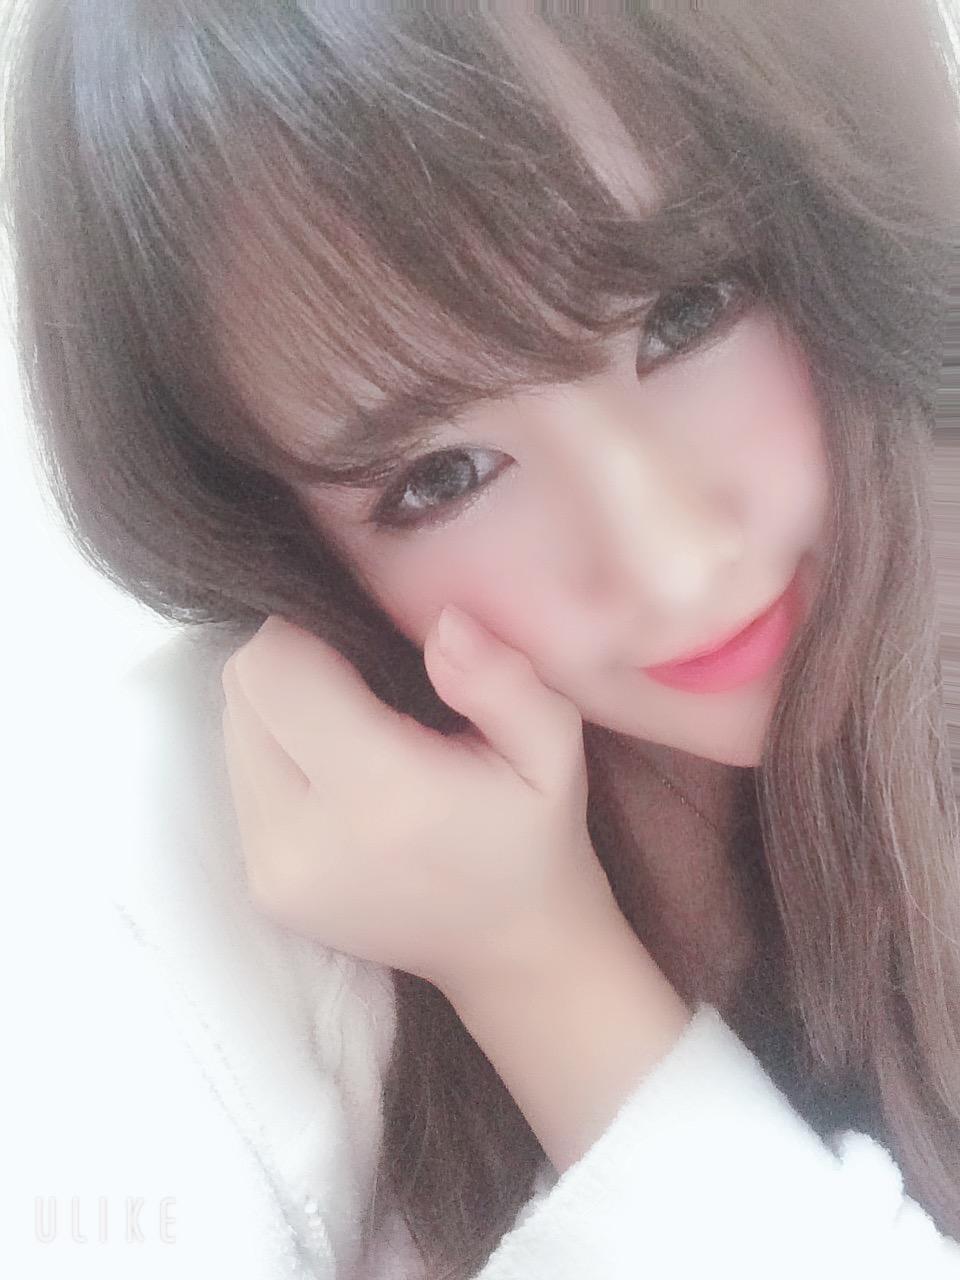 「間違えたし」01/14(月) 12:04    月乃ひかり【天然爆乳Gカップ】の写メ・風俗動画